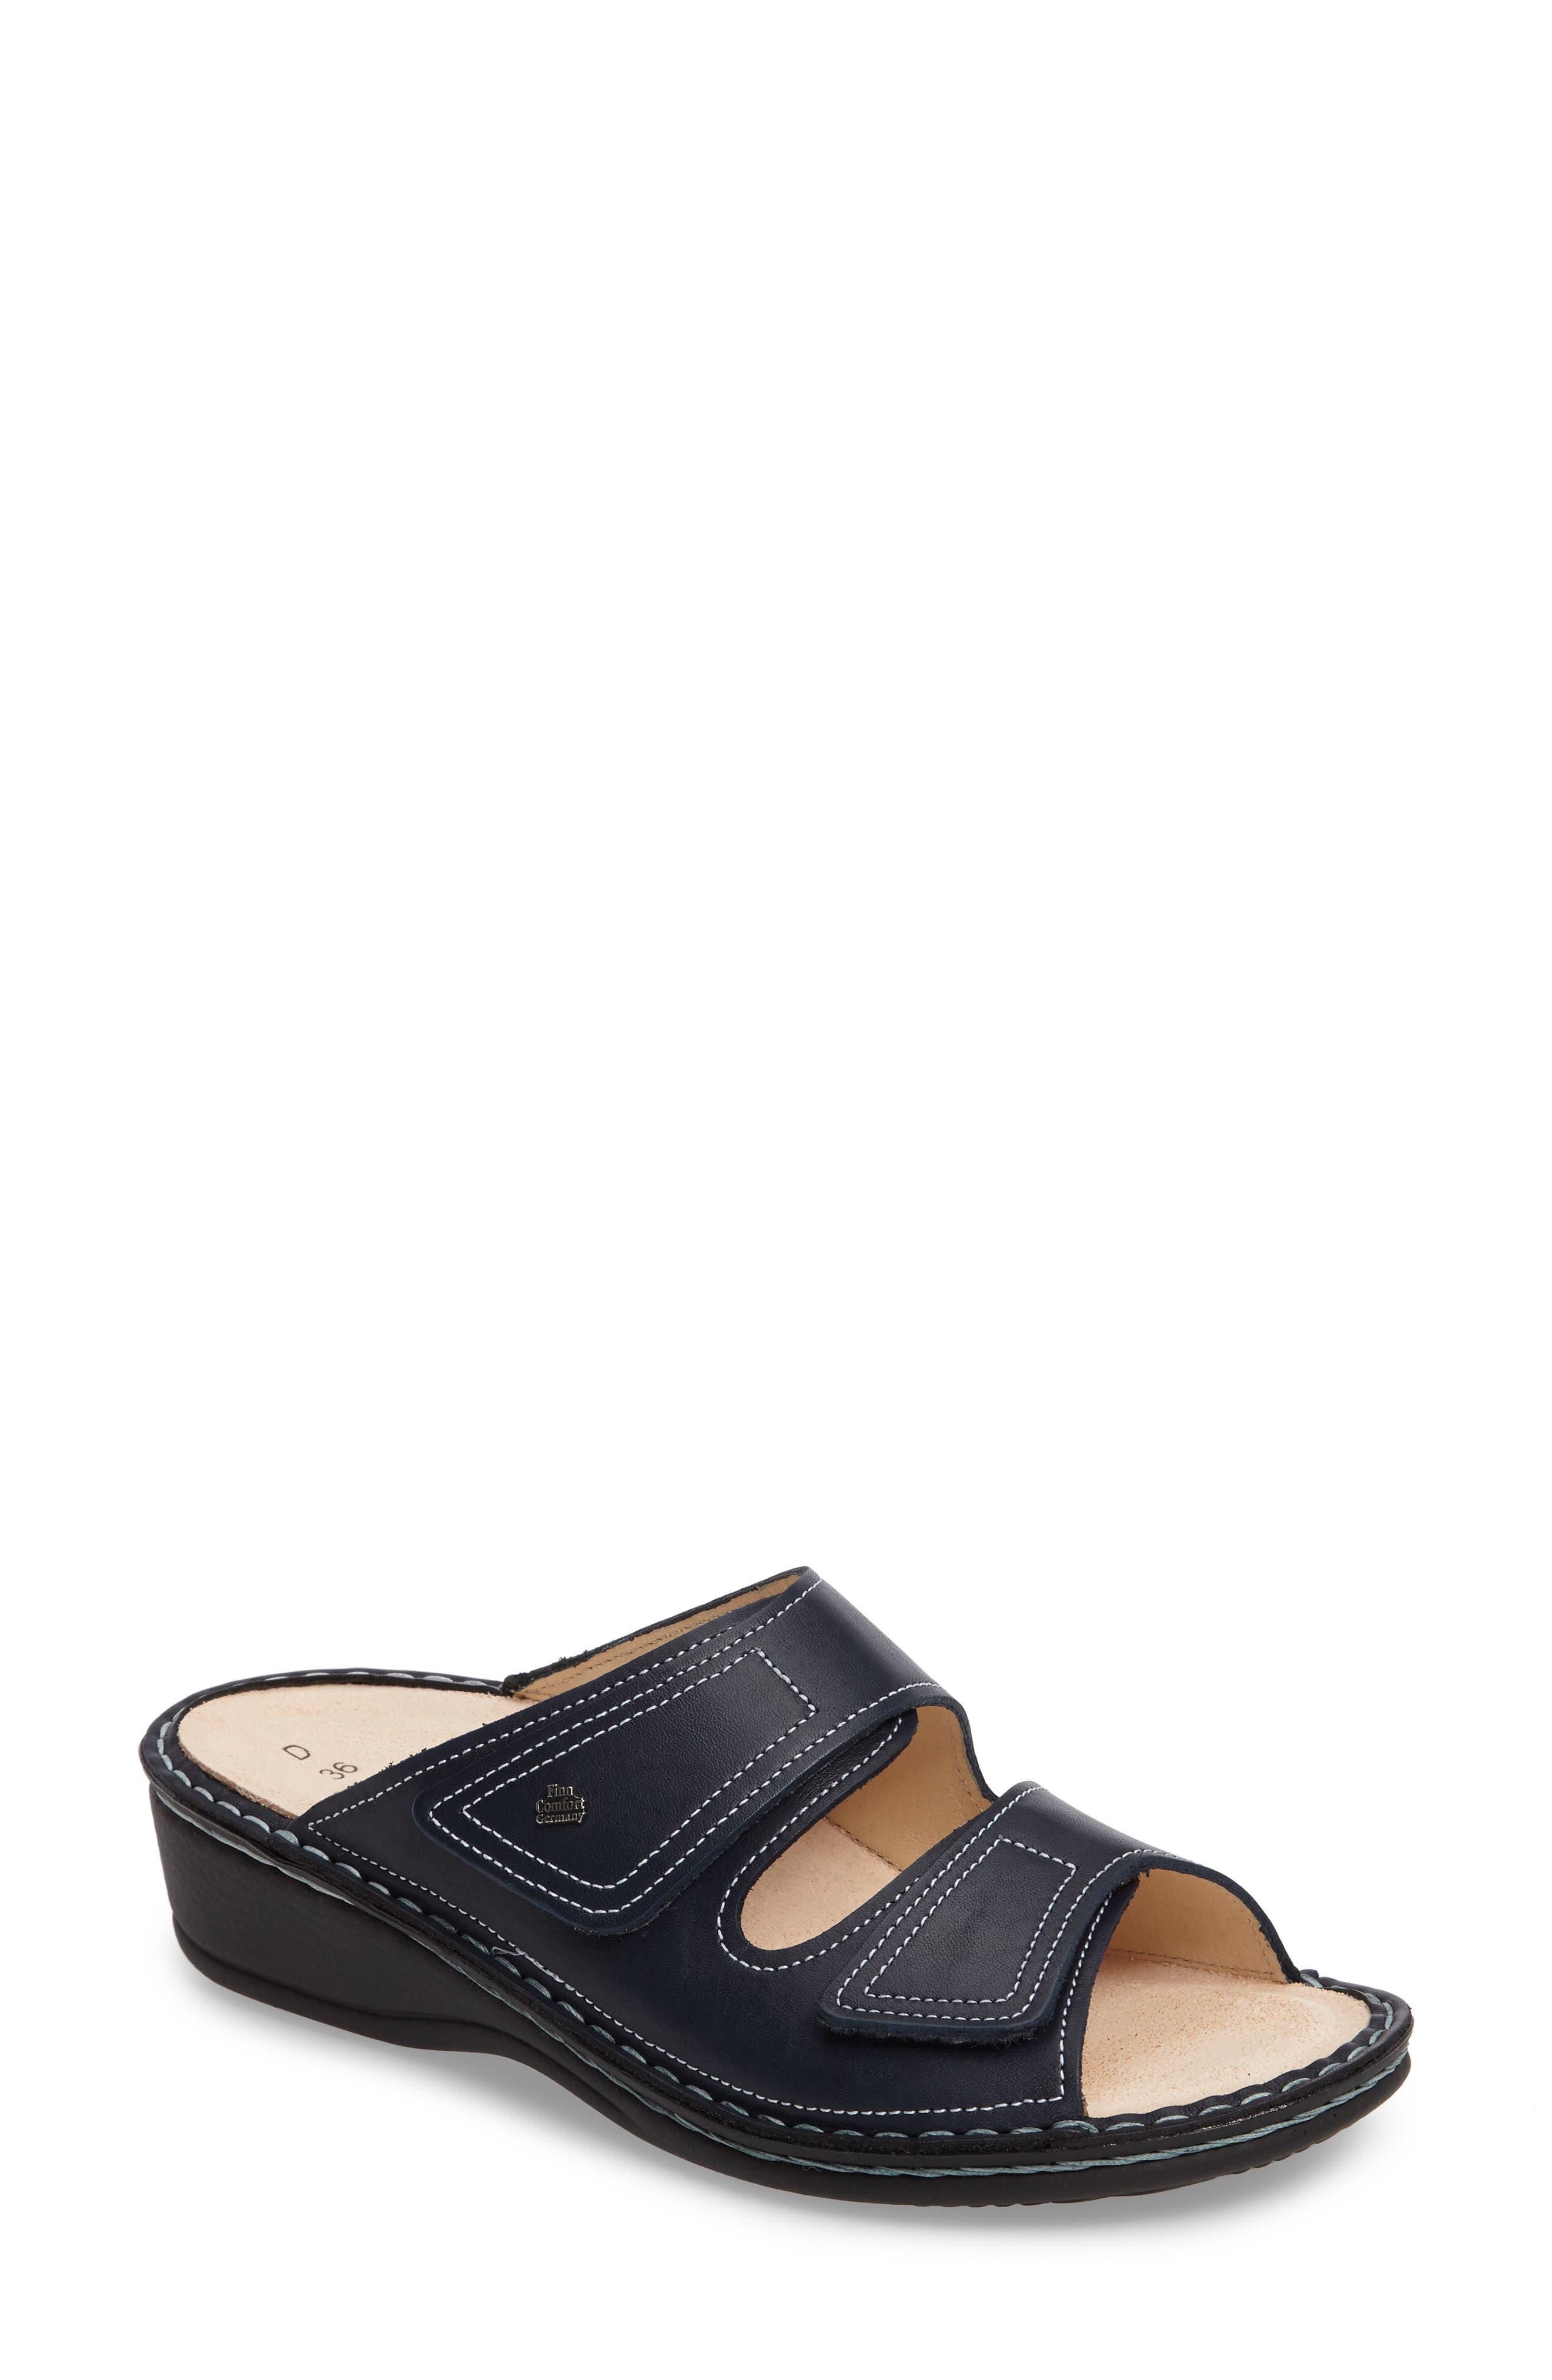 Main Image - Finn Comfort 'Jamaica' Sandal (Online Only)